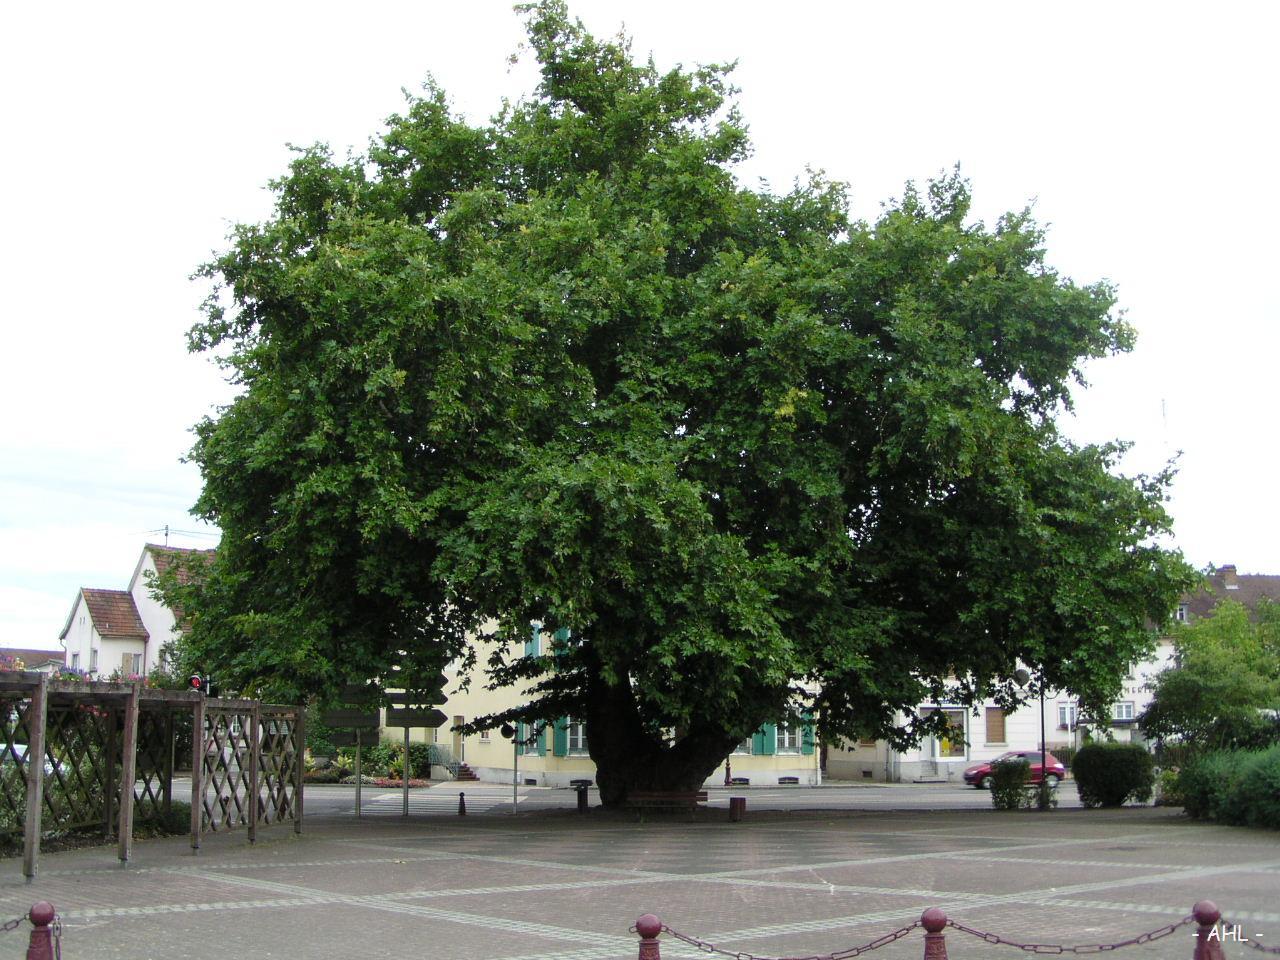 le platane de lutterbach (haut-rhin) | krapo arboricole